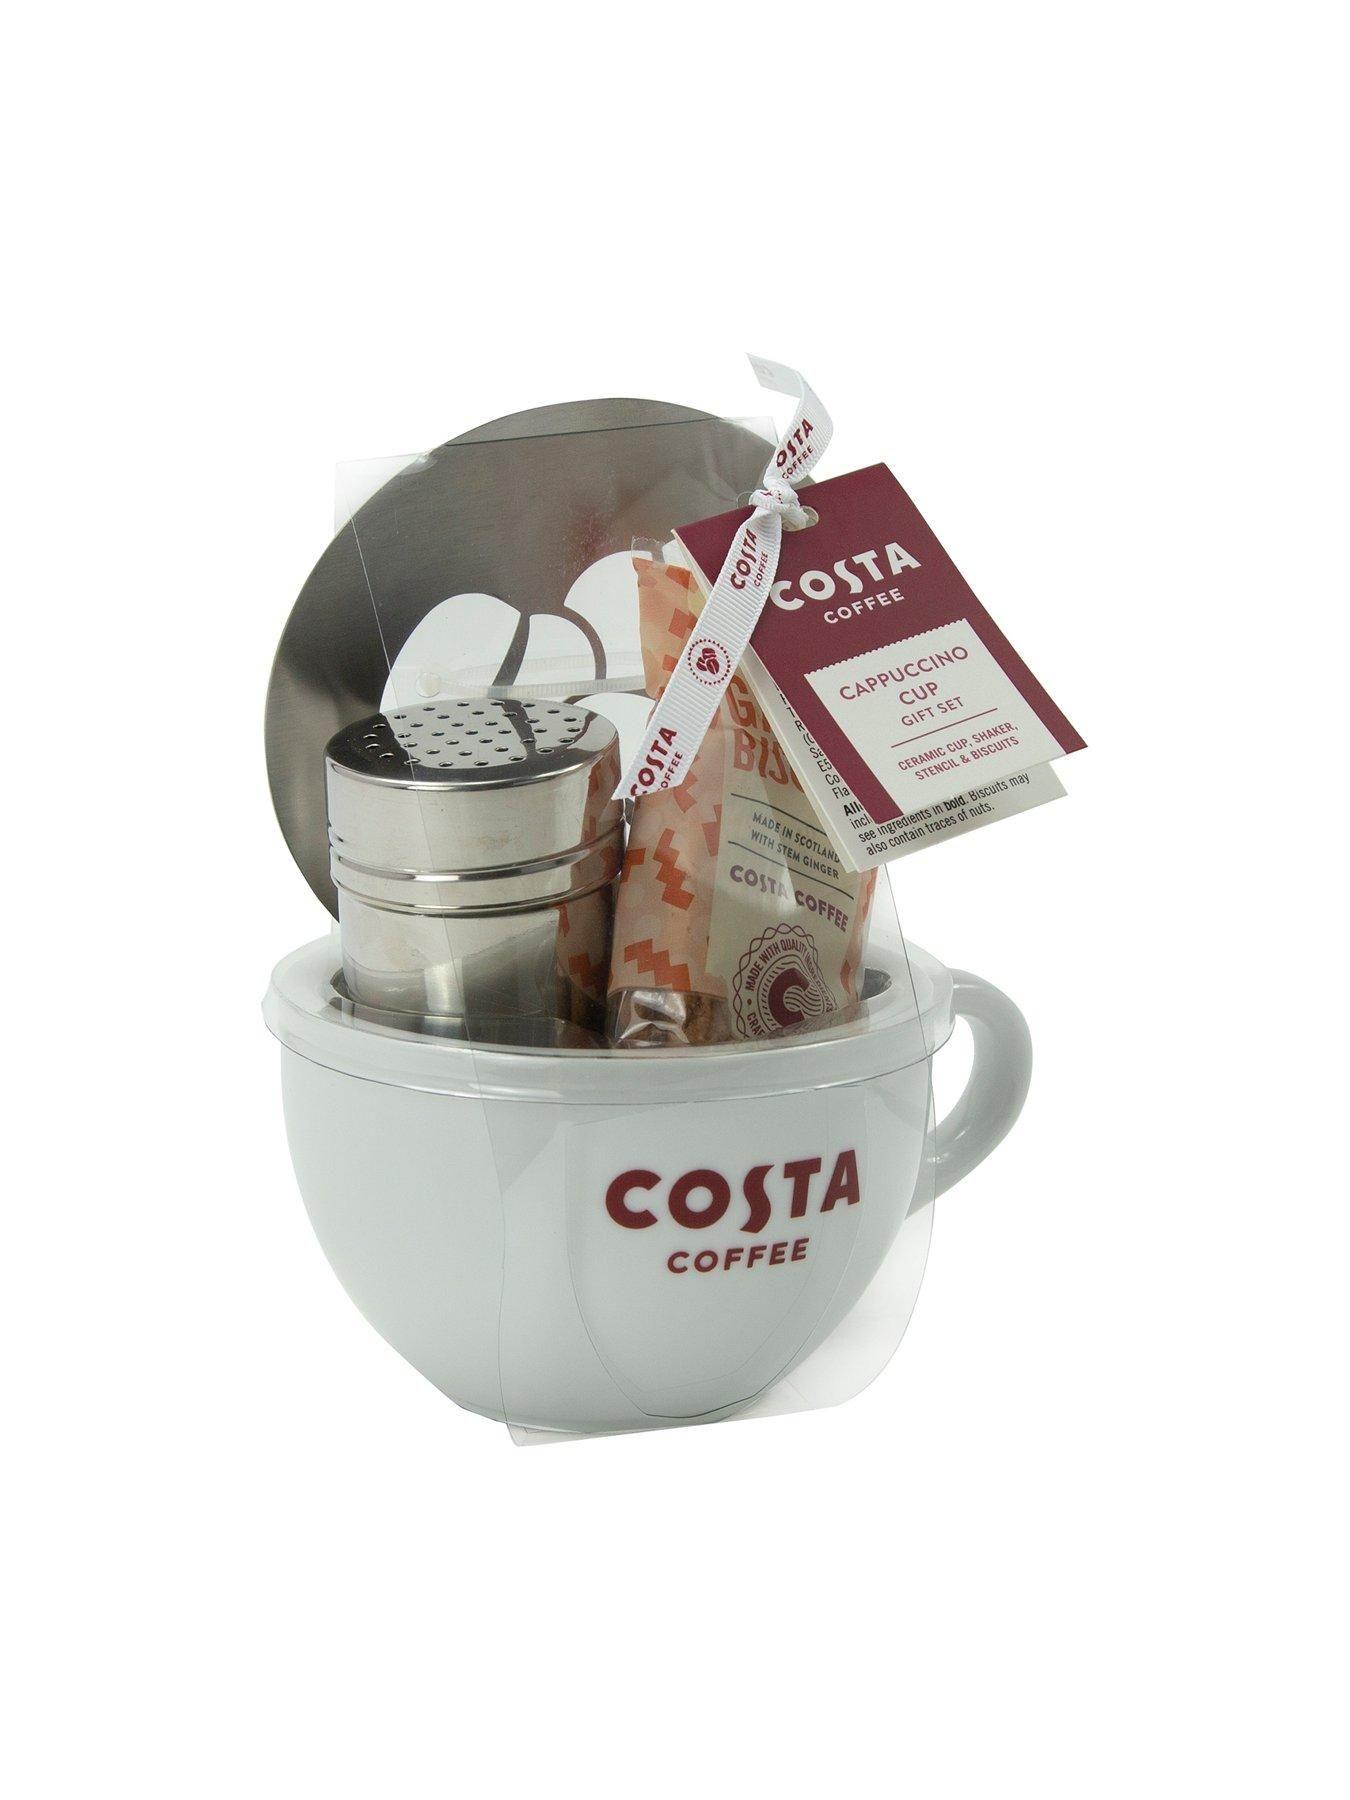 Costa Coffee Cappuccino Set One Colour Costa coffee